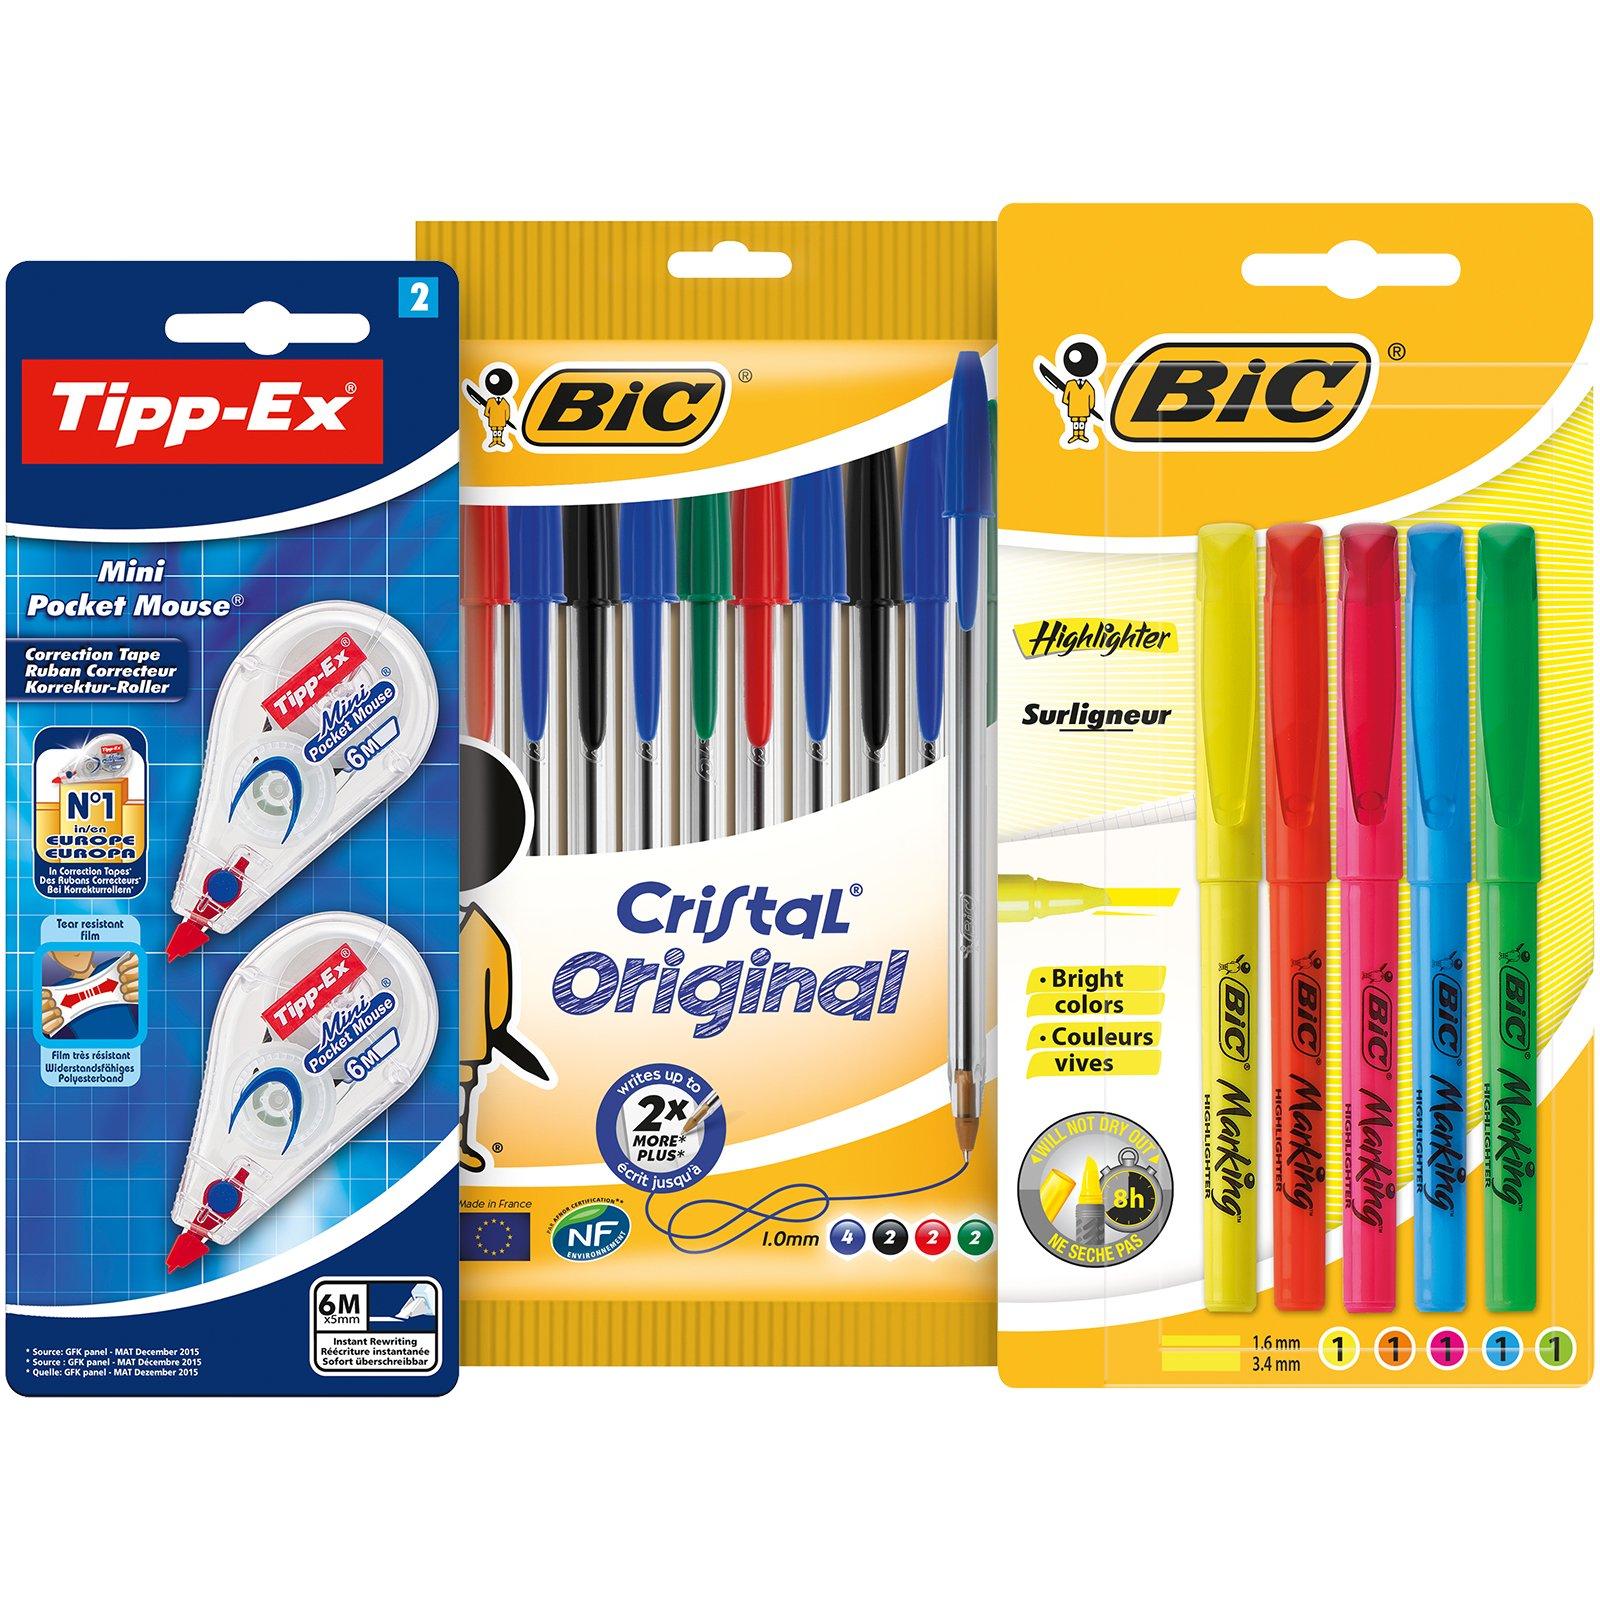 BIC y Tipp-Ex Set Vuelta al Cole de 10 bolígrafos, 5 Marcadores Fluorescentes y 2 Cintas Correctoras product image